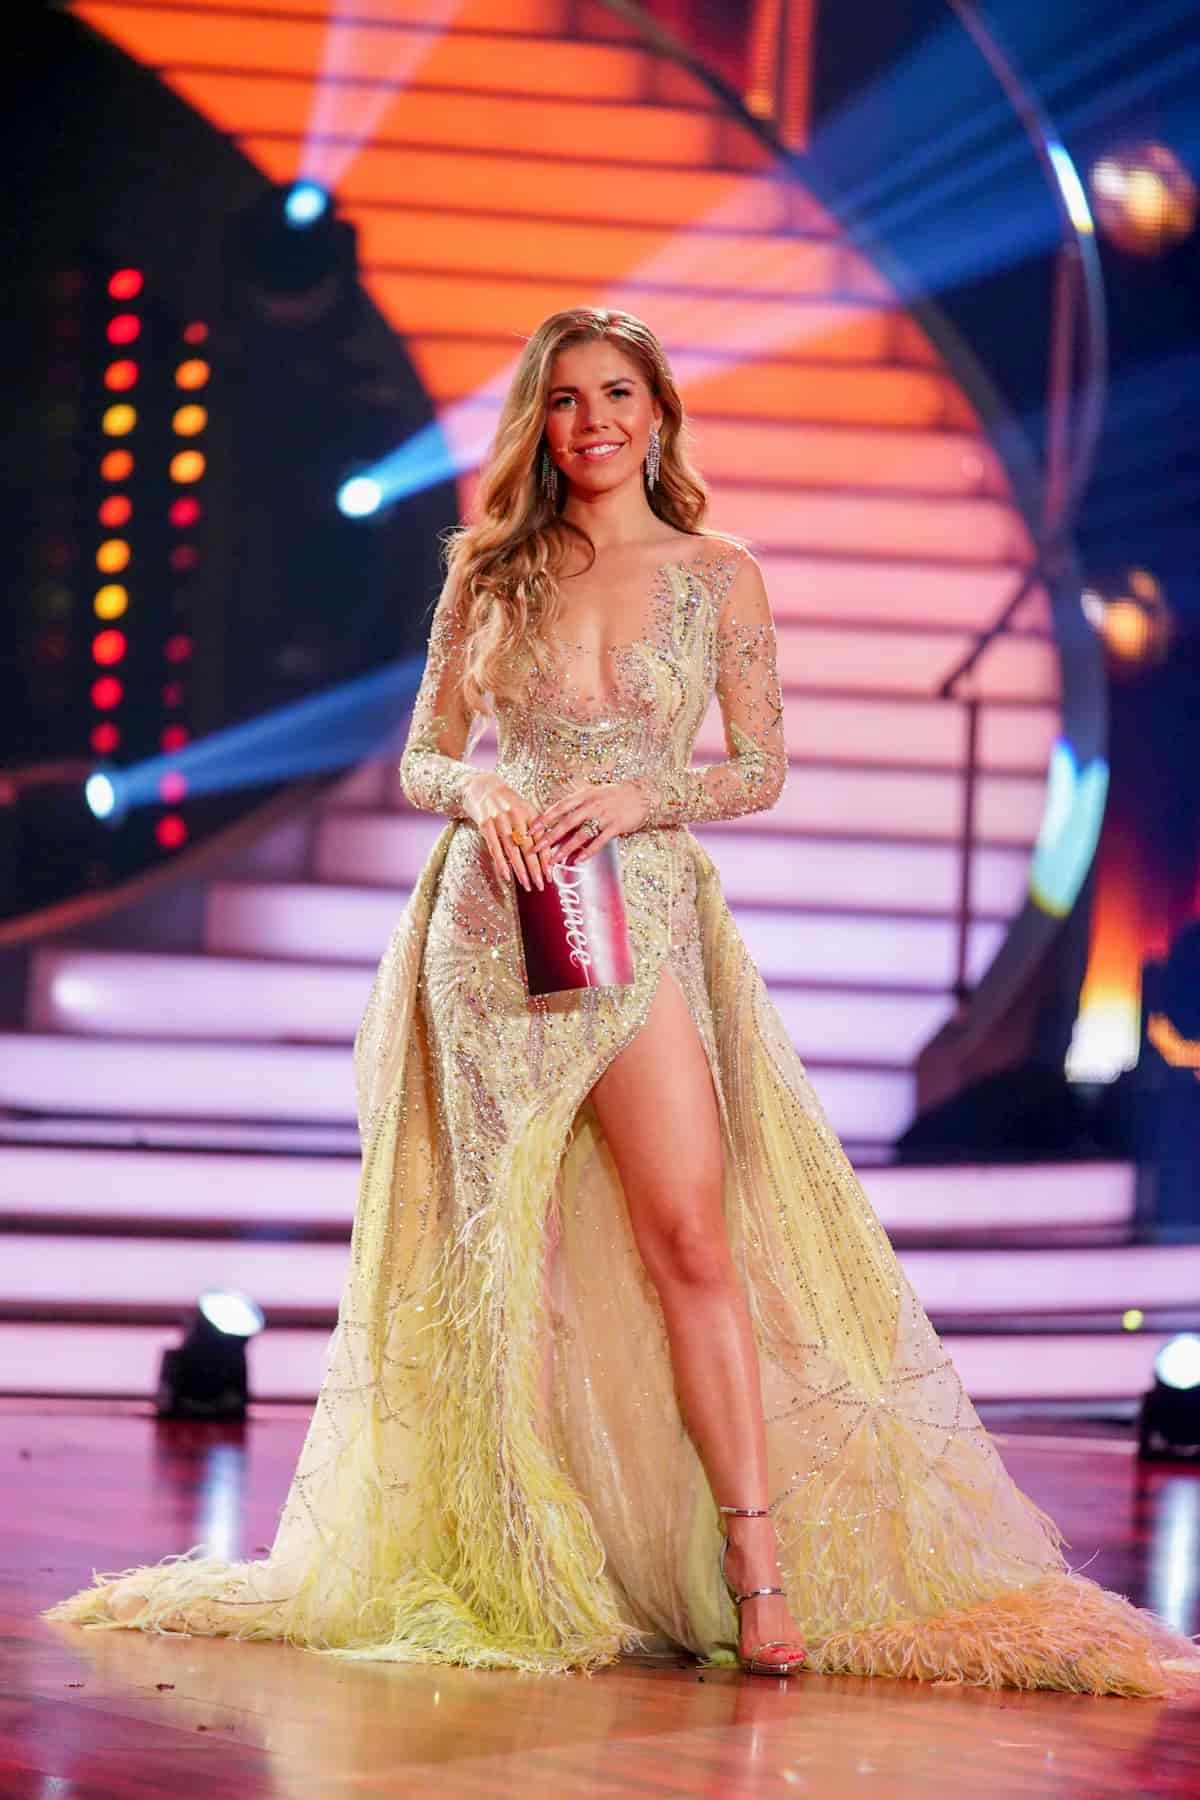 Victoria Swarovski im Finale Le's dance 2020 am 22.5.2020